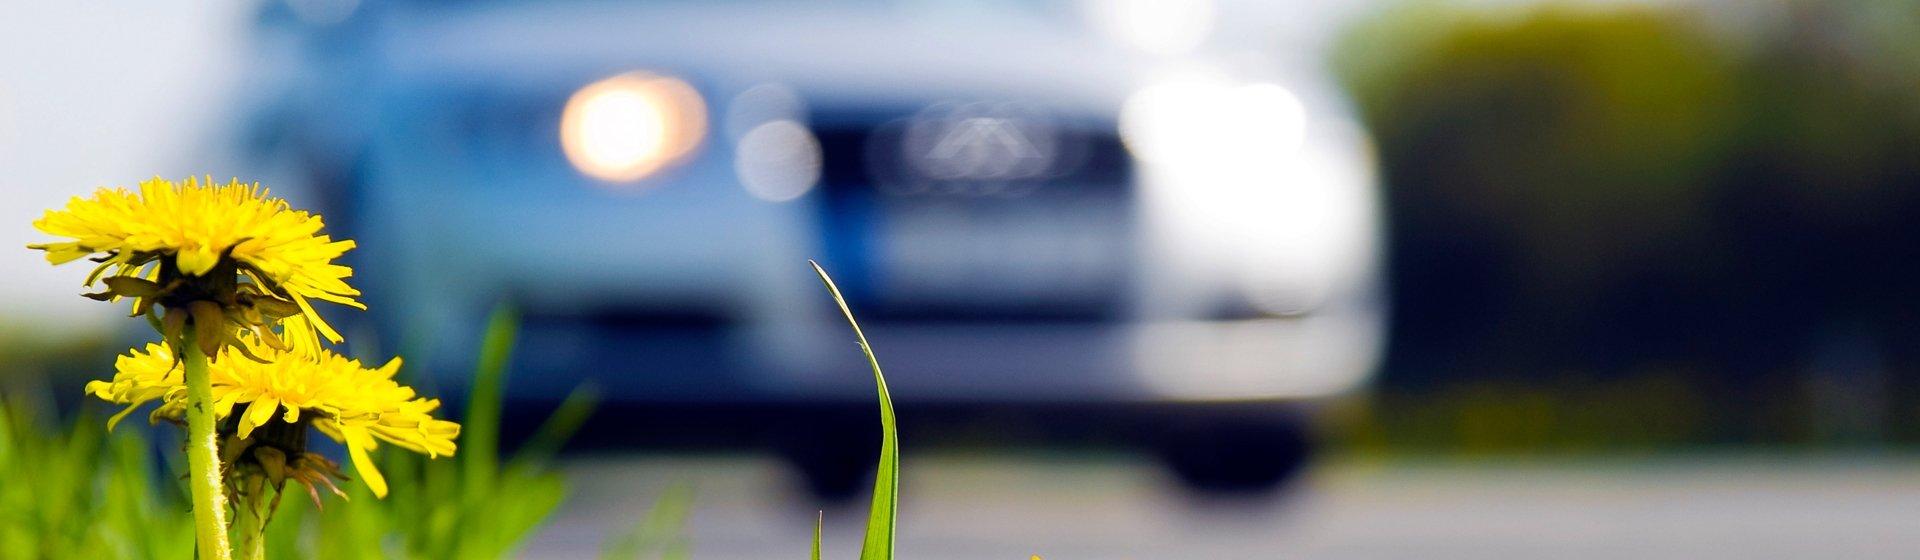 Autorijden wordt steeds duurder: ook de wegenbelasting stijgt